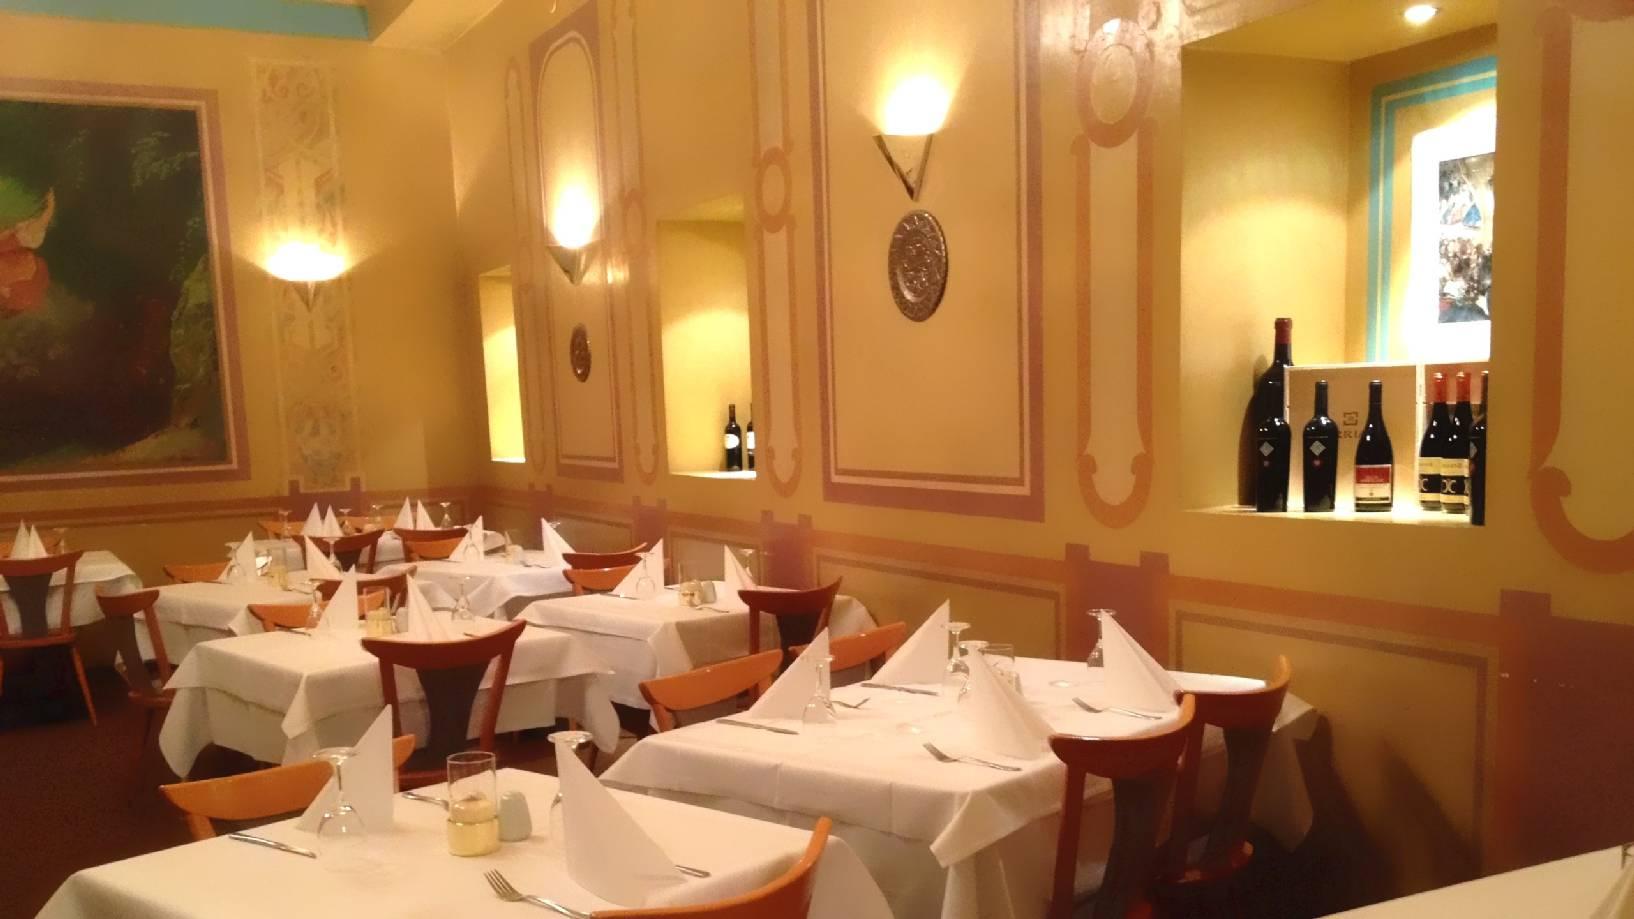 ... Traditionelle Italienische Küche In Einem Unvergleichbaren  Venezianischen Ambiente, Unmittelbar An Der Schlossstrasse In Berlin  Steglitz.